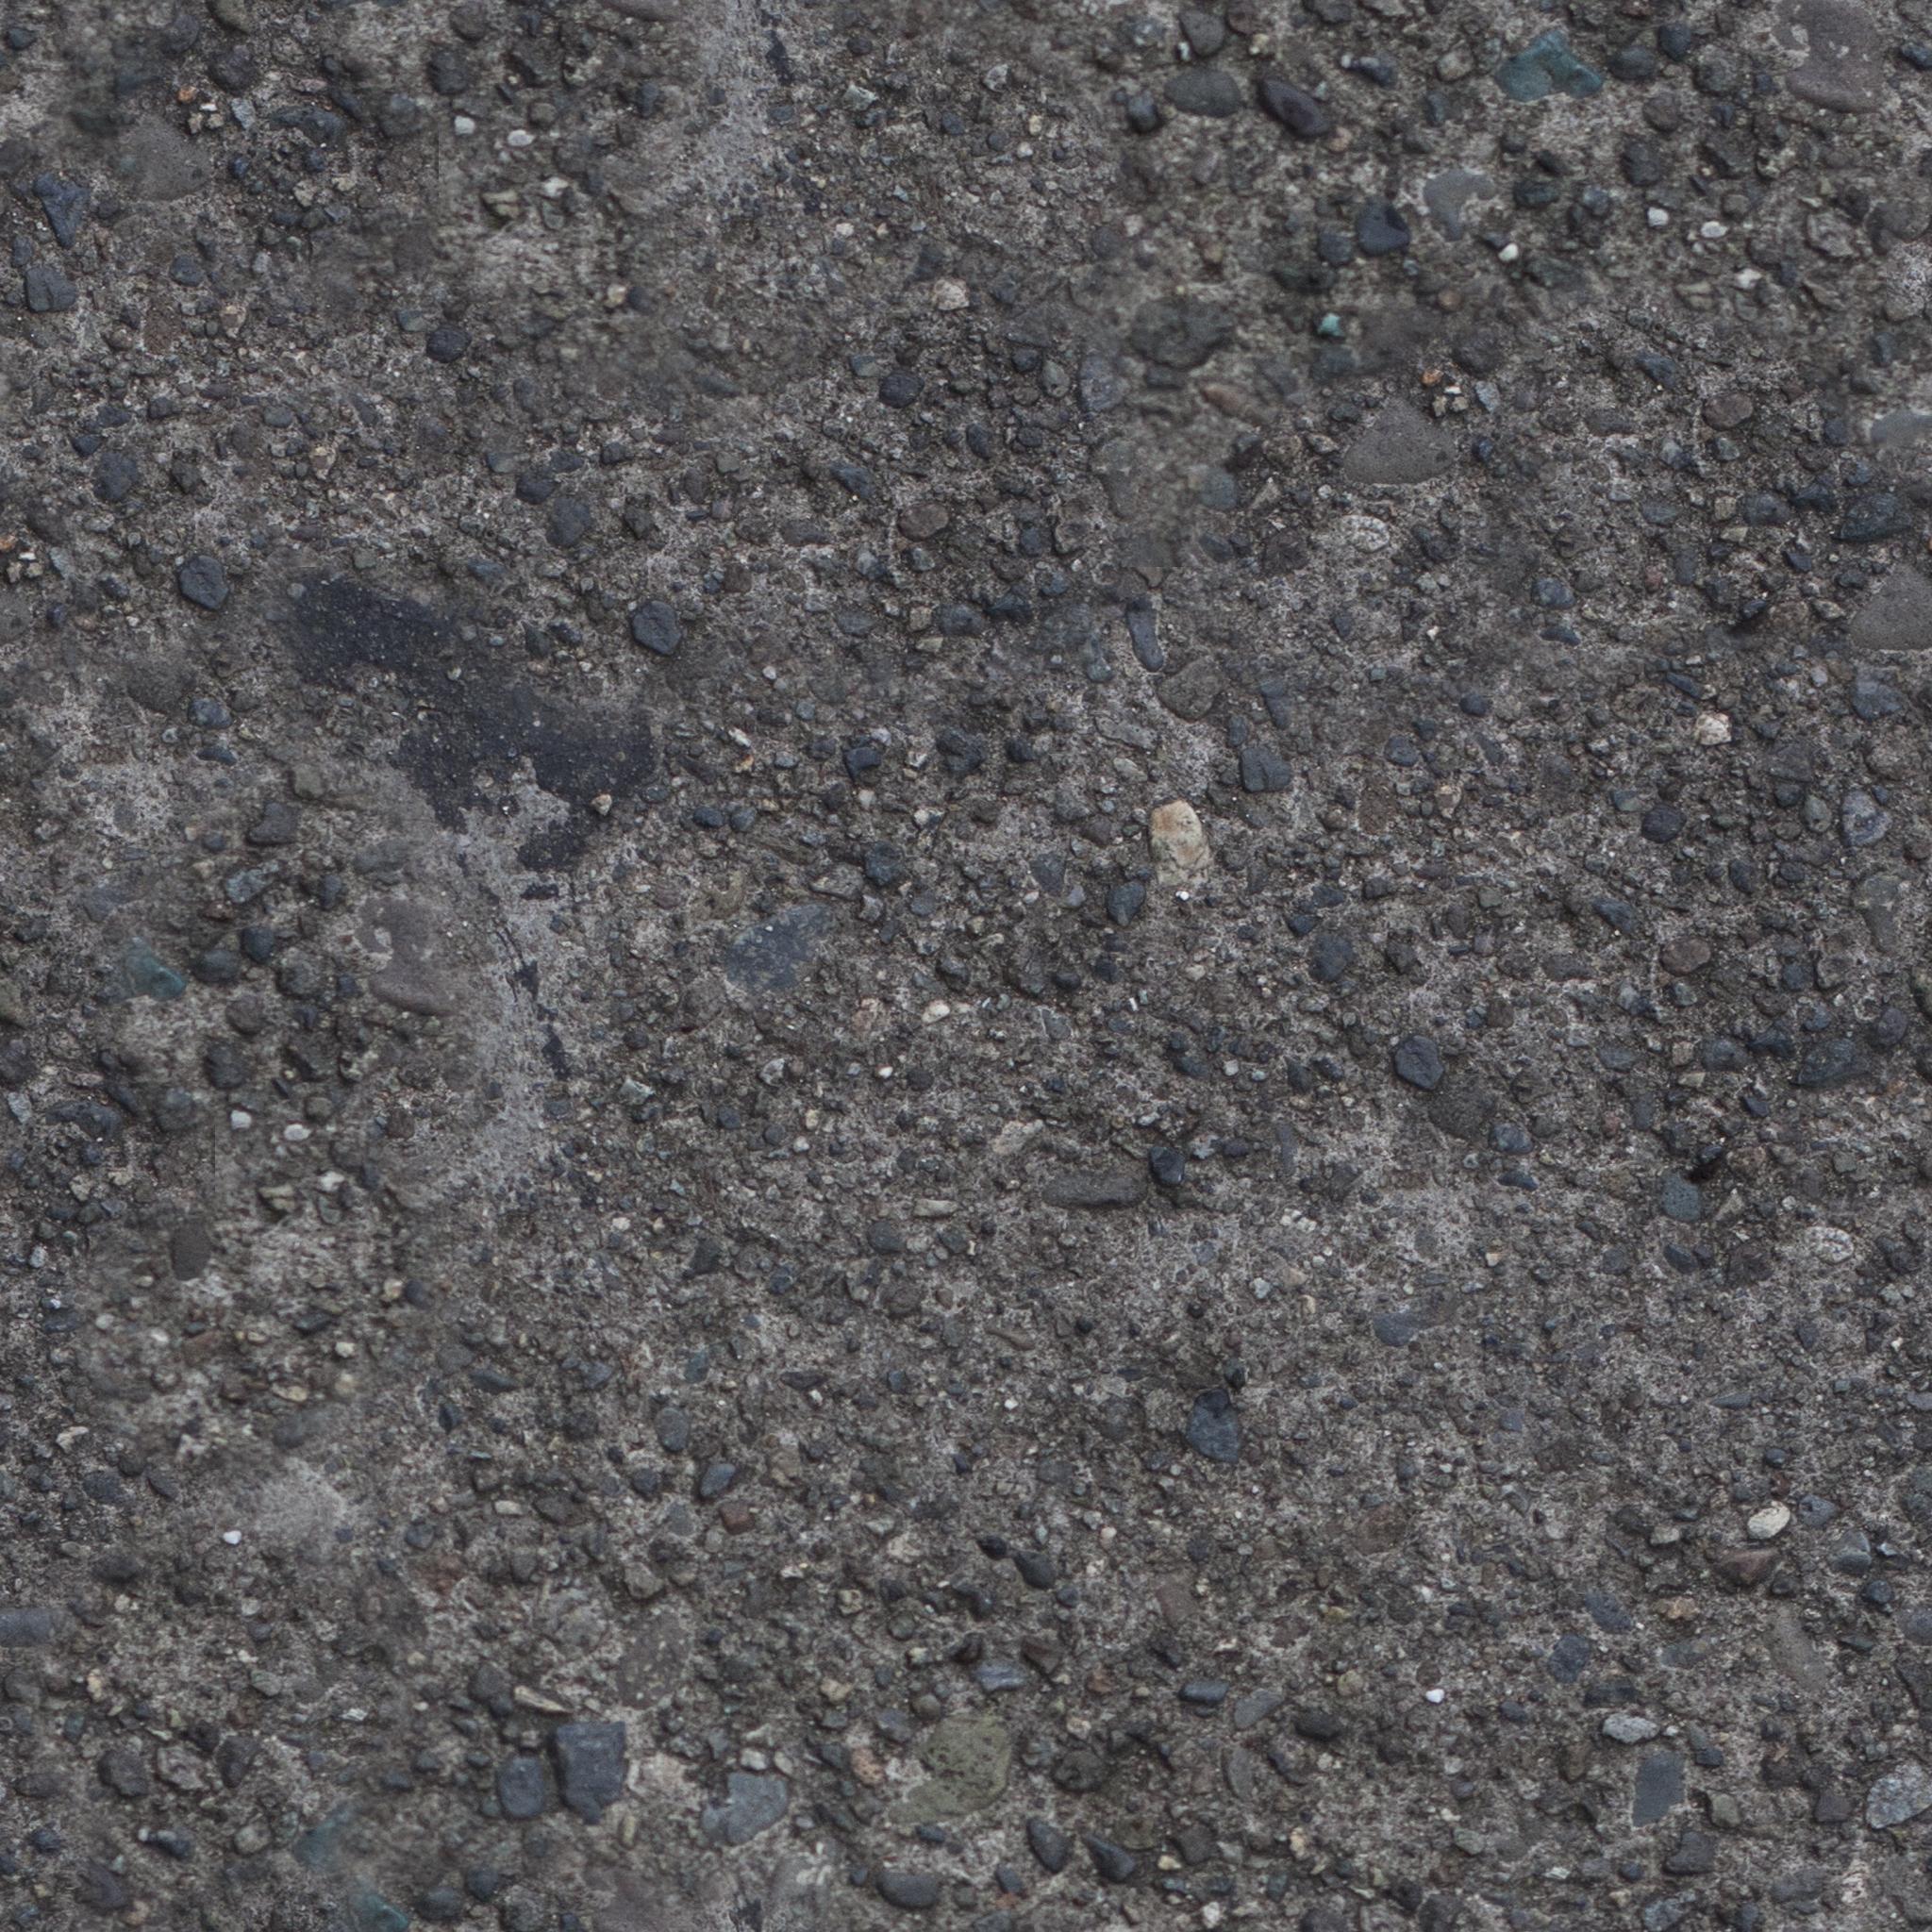 Coarse Dark Gray Concrete.jpg